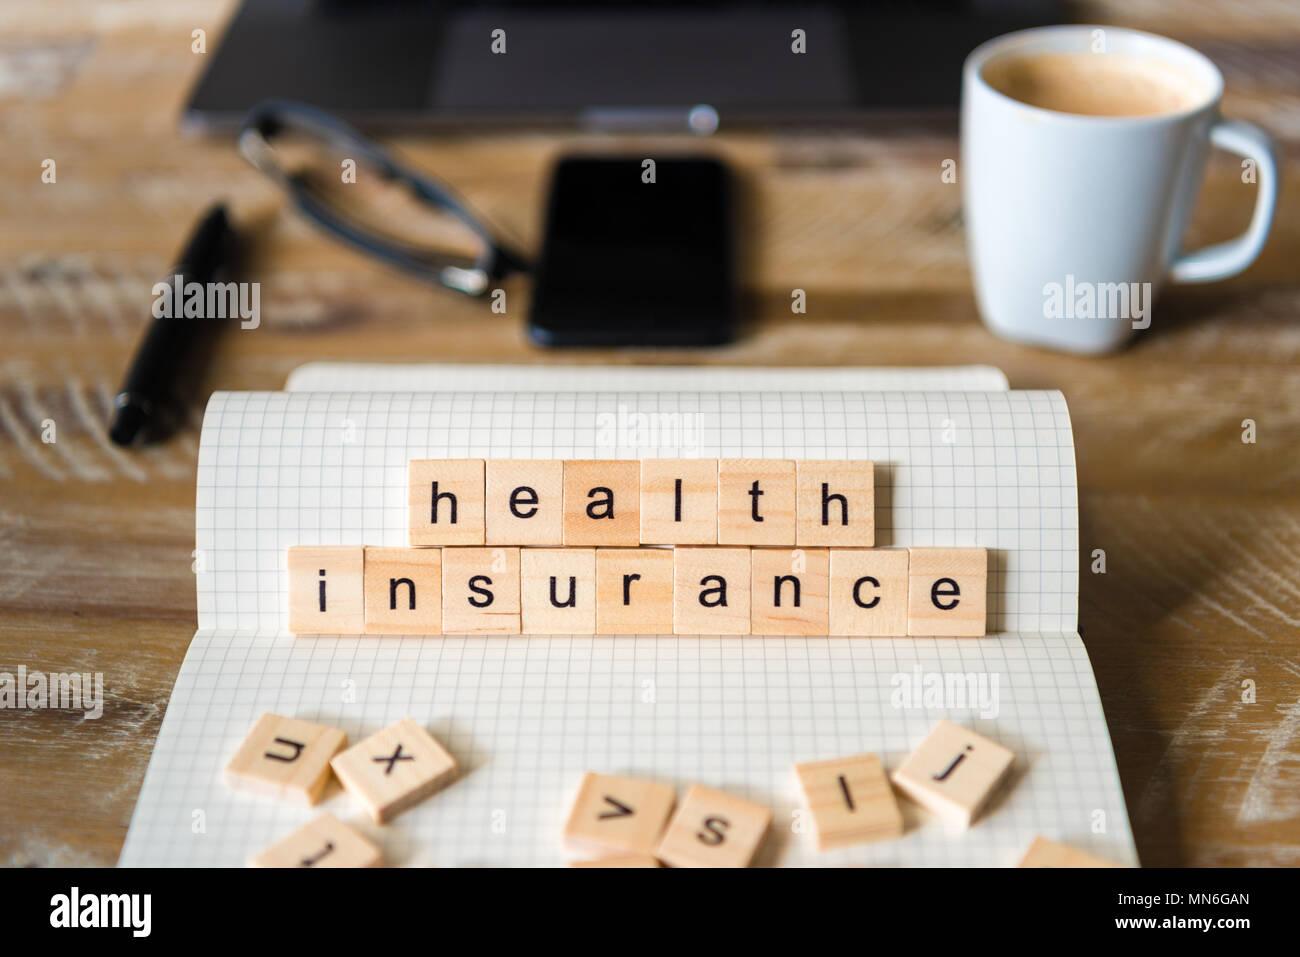 Primo piano su notebook su tavola di legno sfondo, concentrarsi sui blocchi di legno con lettere che l'assicurazione sanitaria parole. Immagini Stock